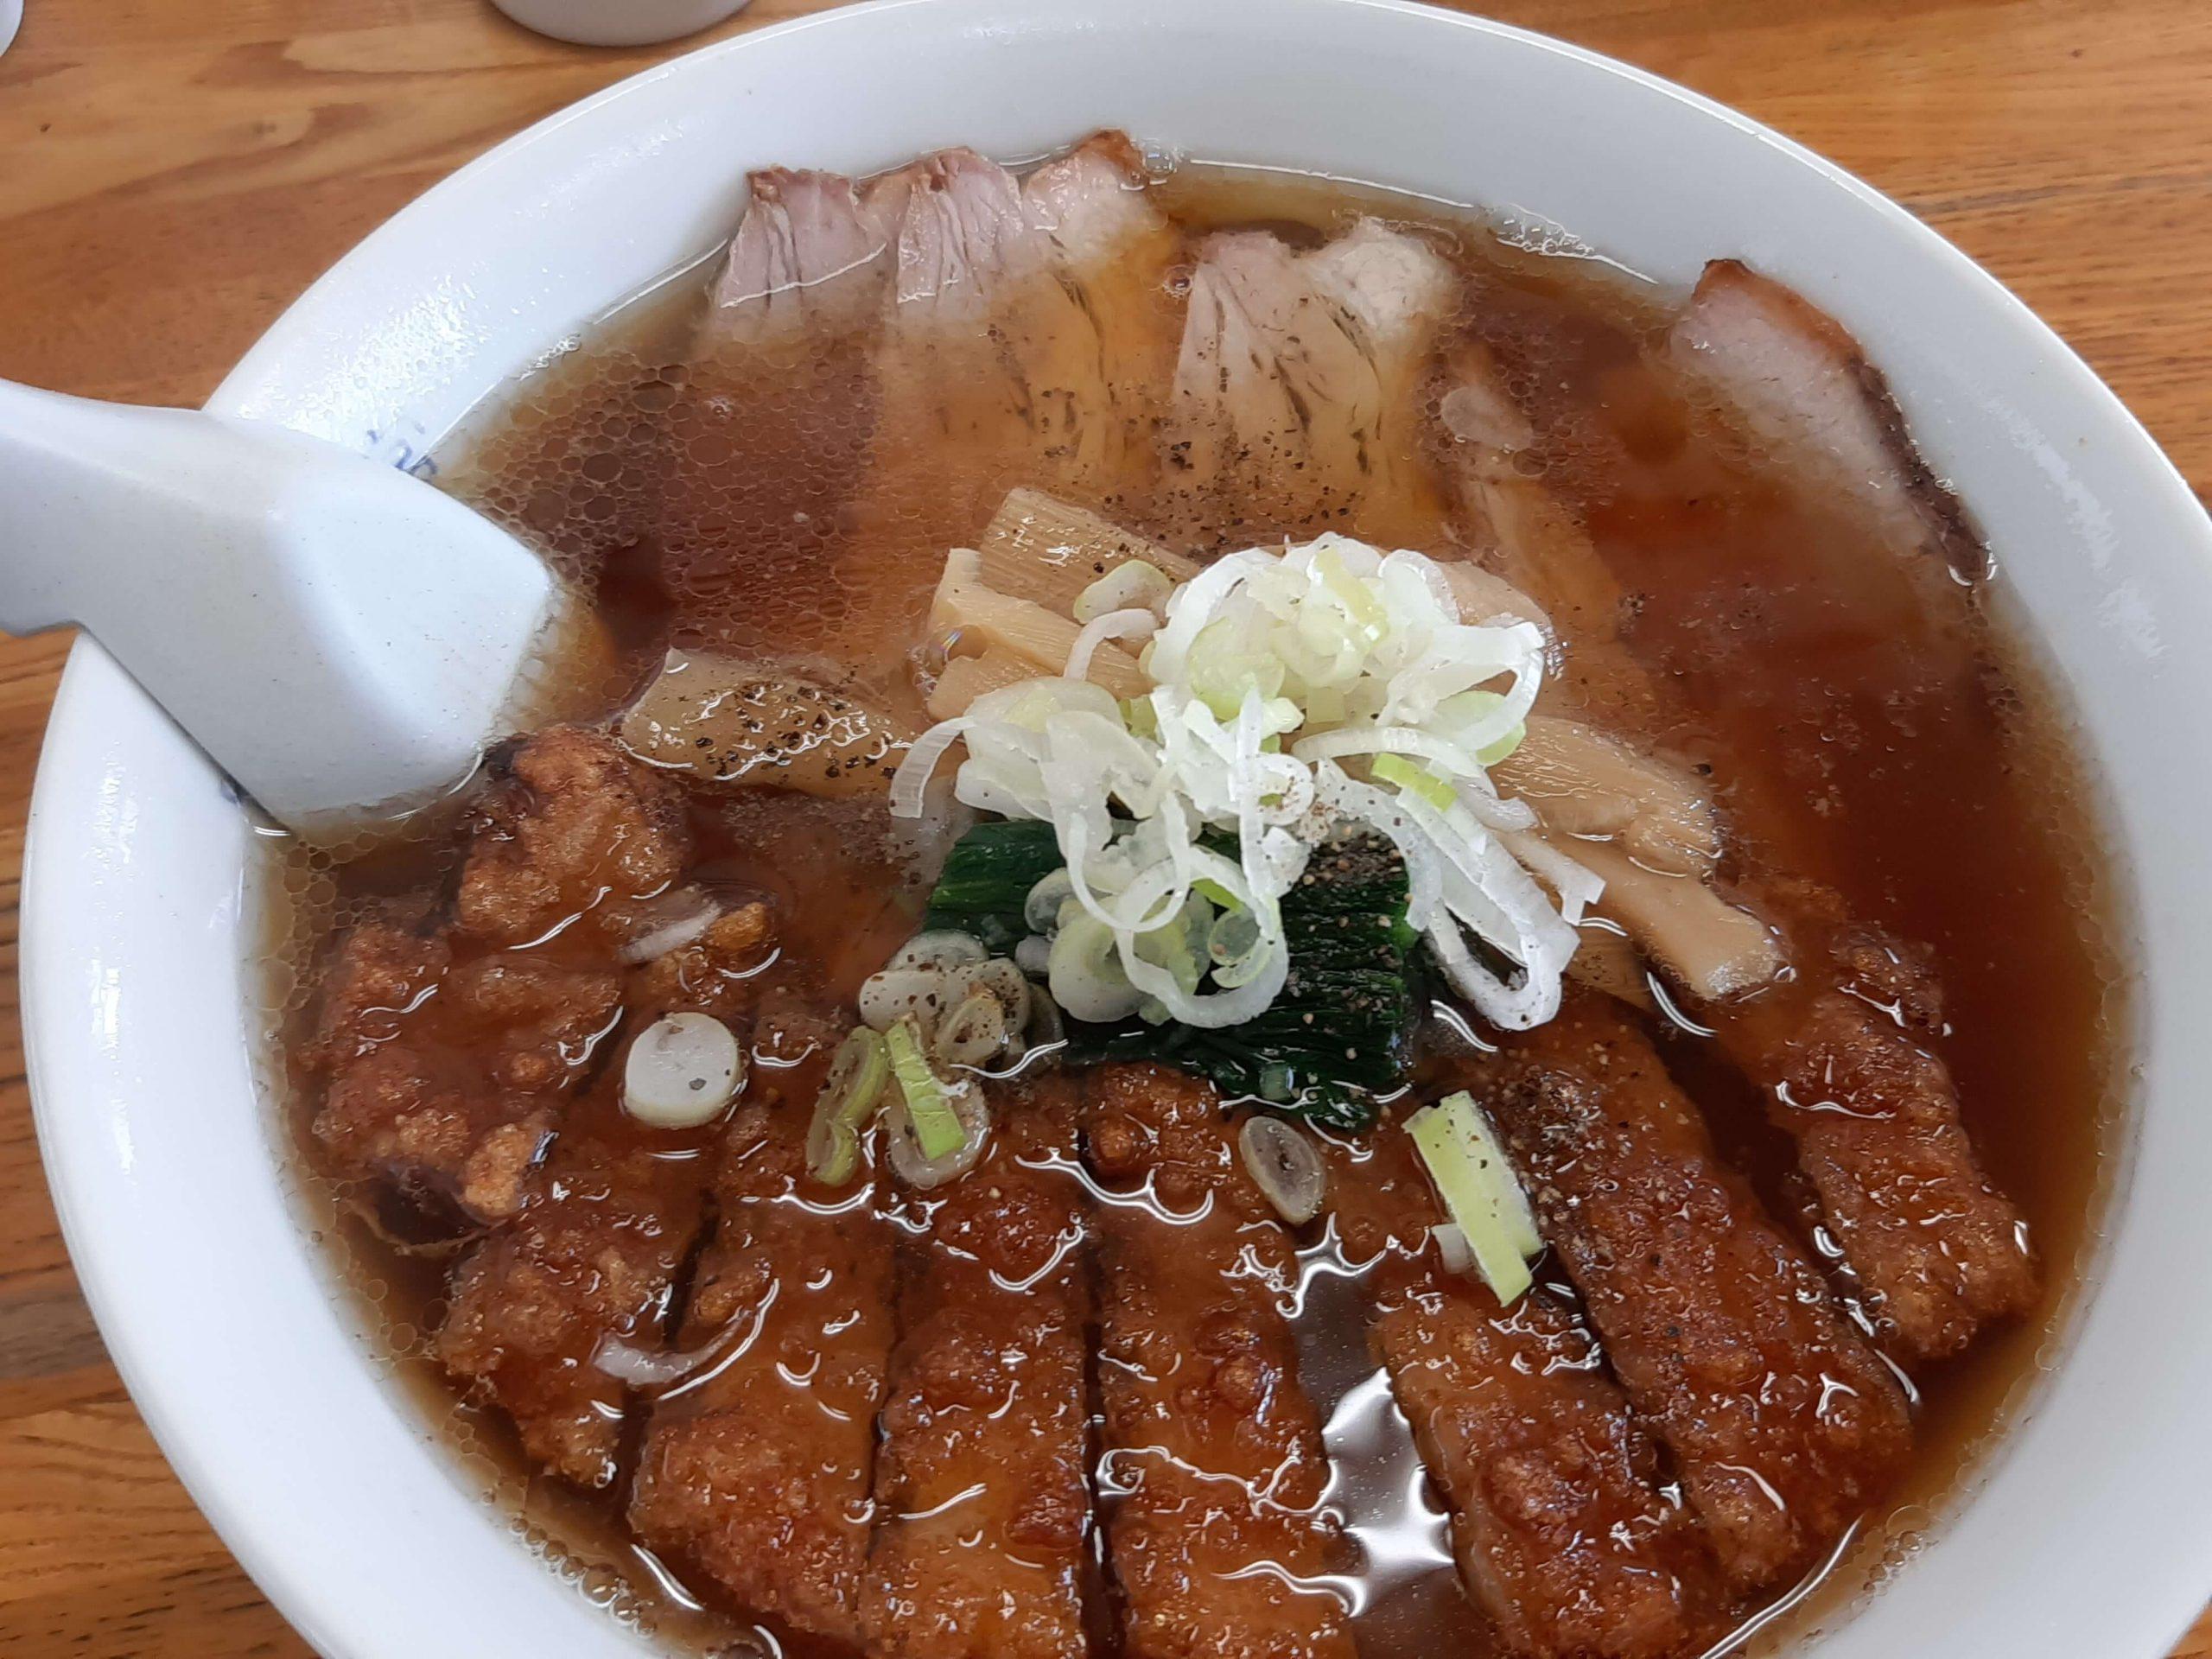 手打ち麺とパーコー麺で有名な『味の新宮 小鶴店』で盛合せメンを食べてみた!